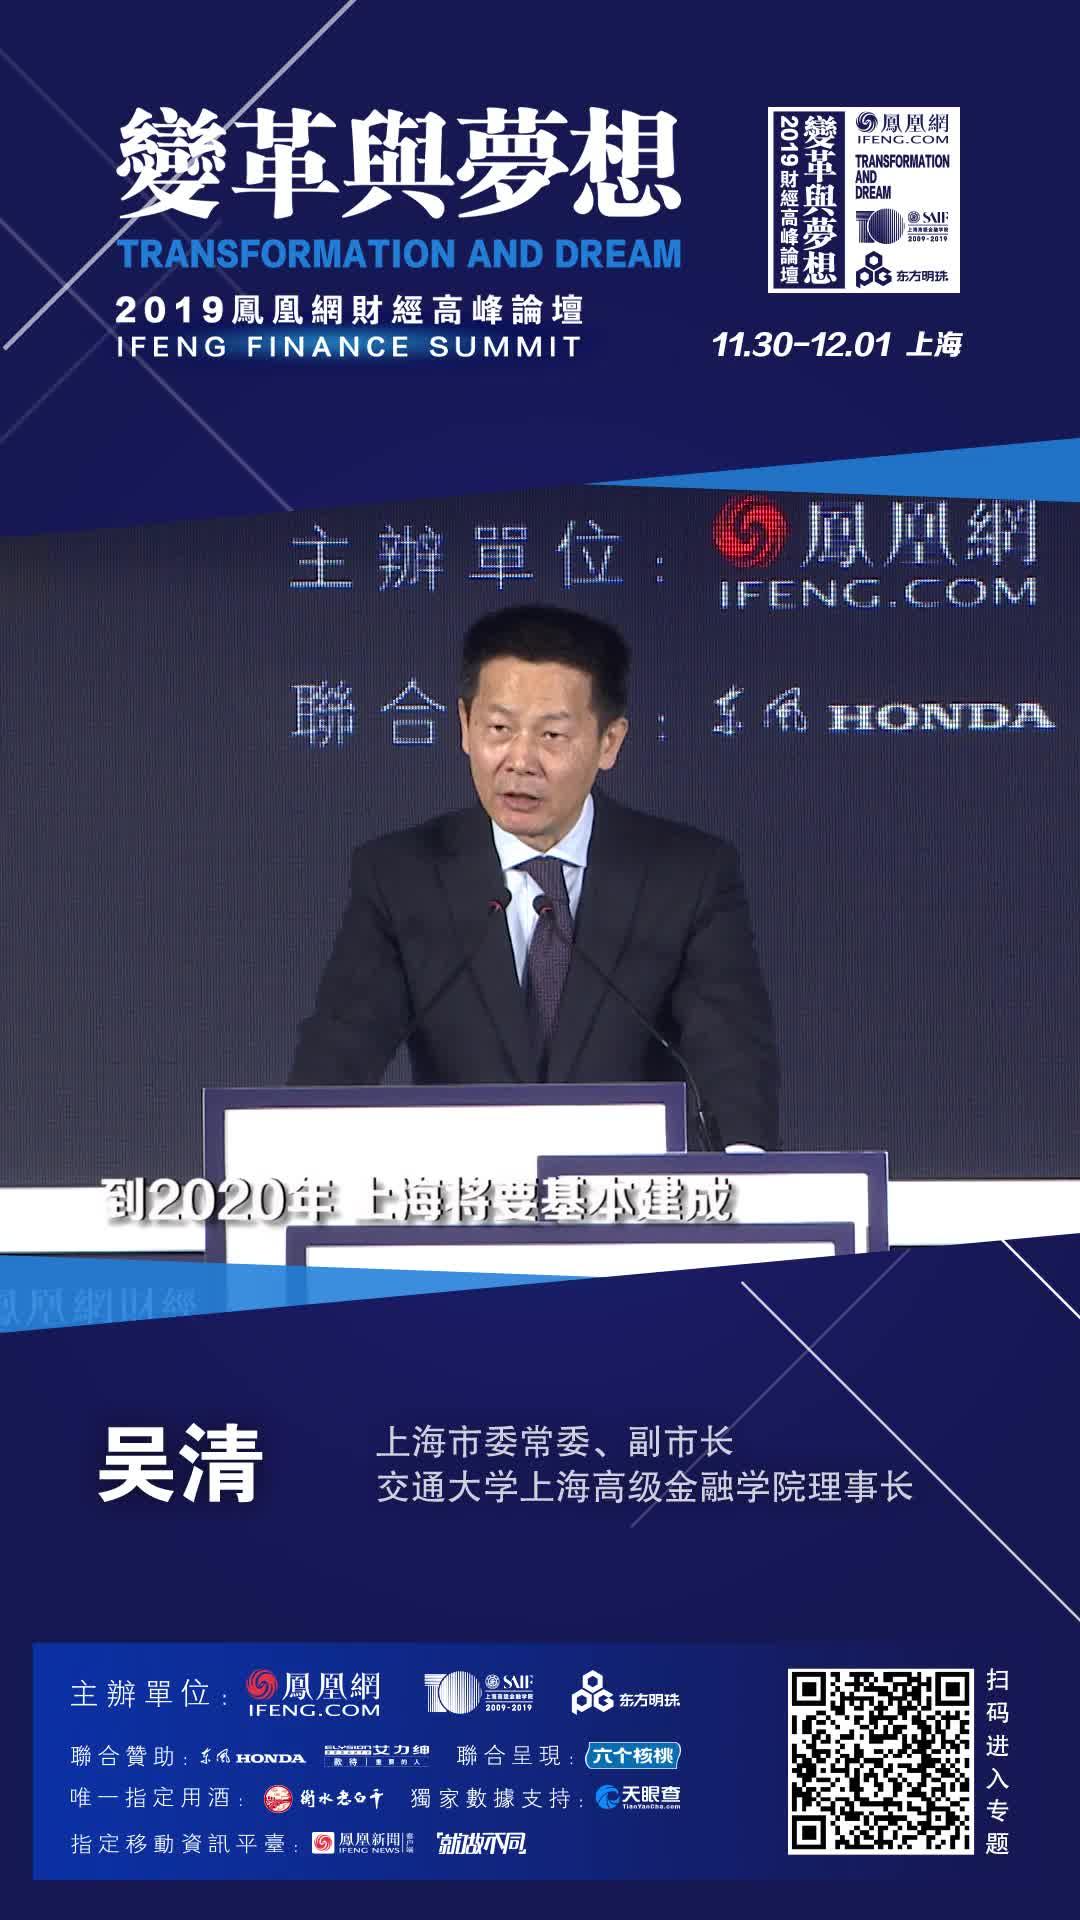 吴清:2020年上海将基本建成与现阶段相匹配的国际金融中心